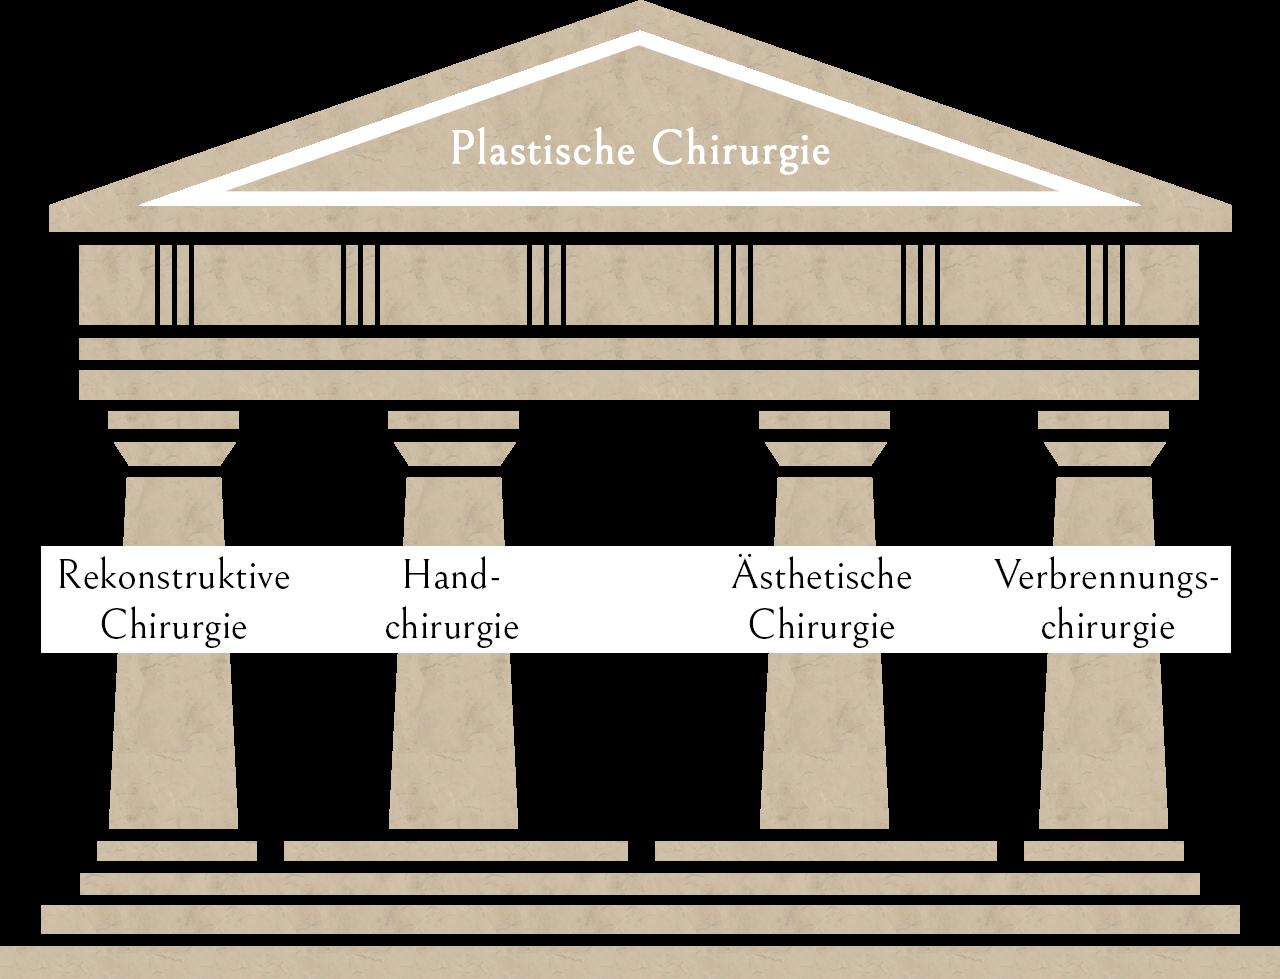 Man sieht die Vorderseite eines Tempels mit 4 Säulen , in denen jeweils ein Wort steht